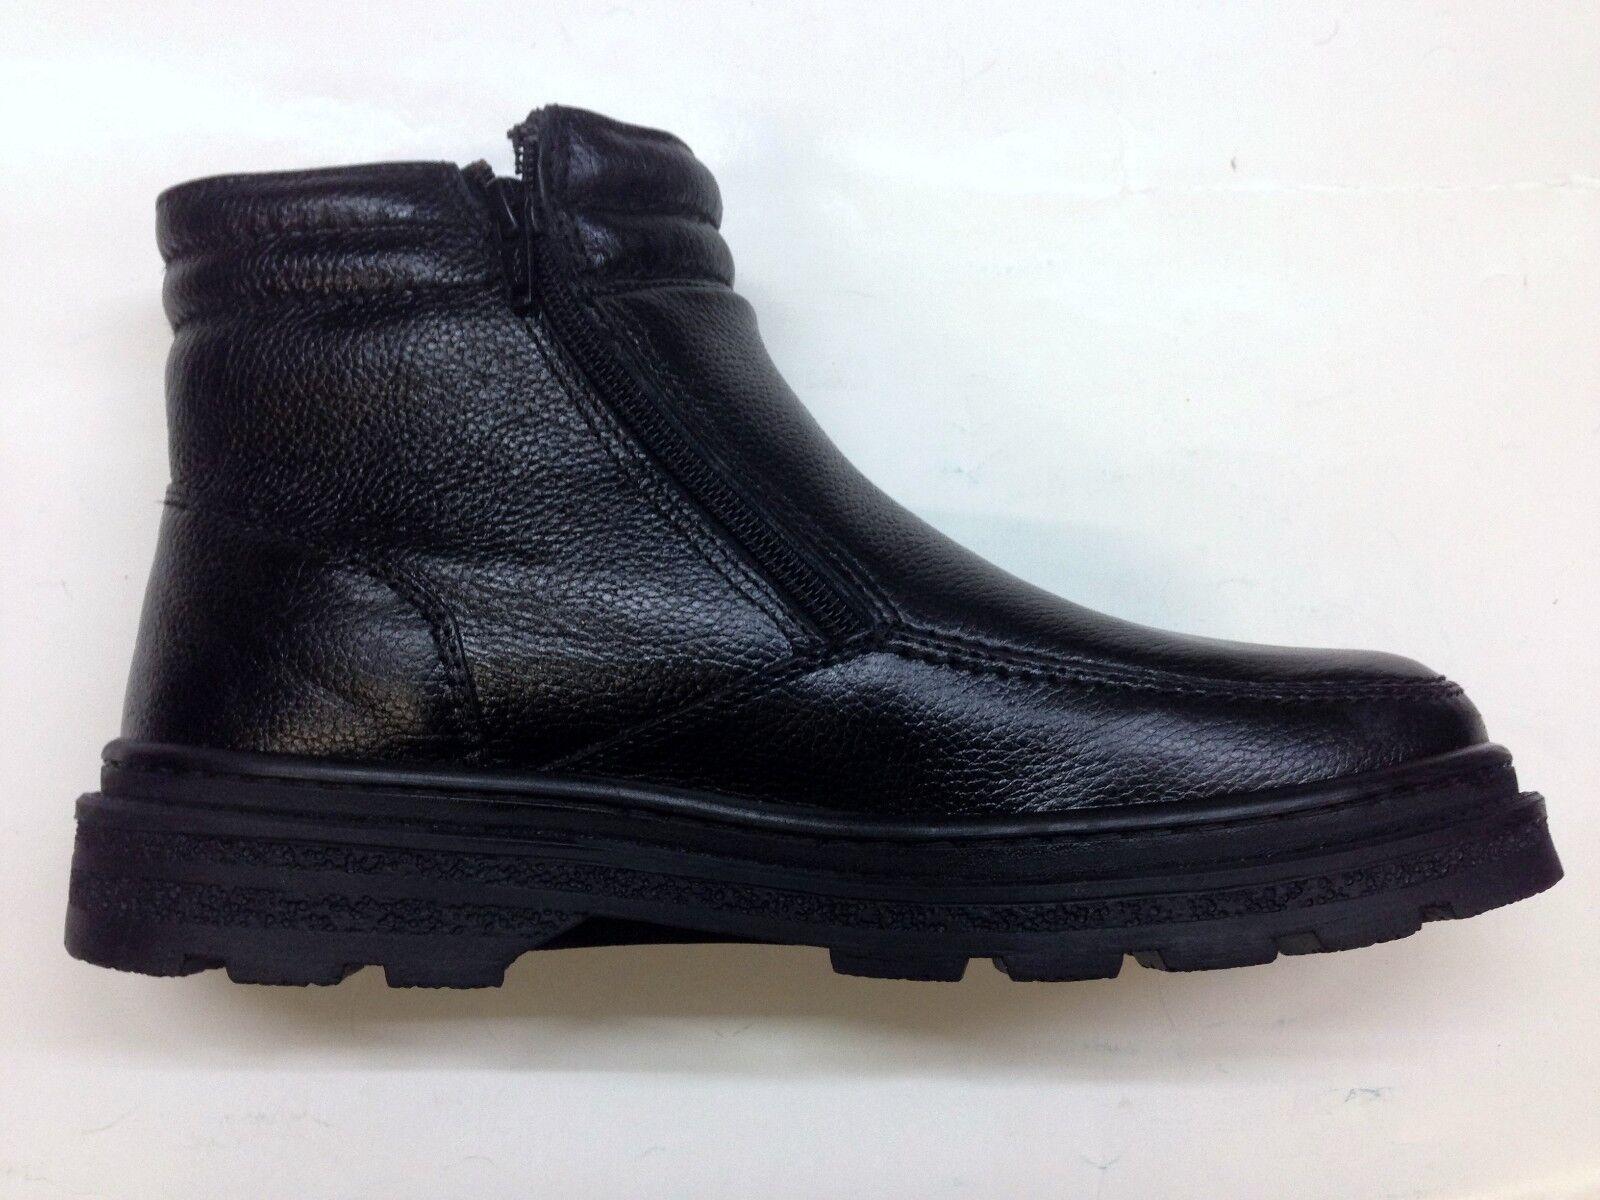 Men's Leather Warm Fur Lined Walking Twin Zip Walking Winter Ankle Boots Black